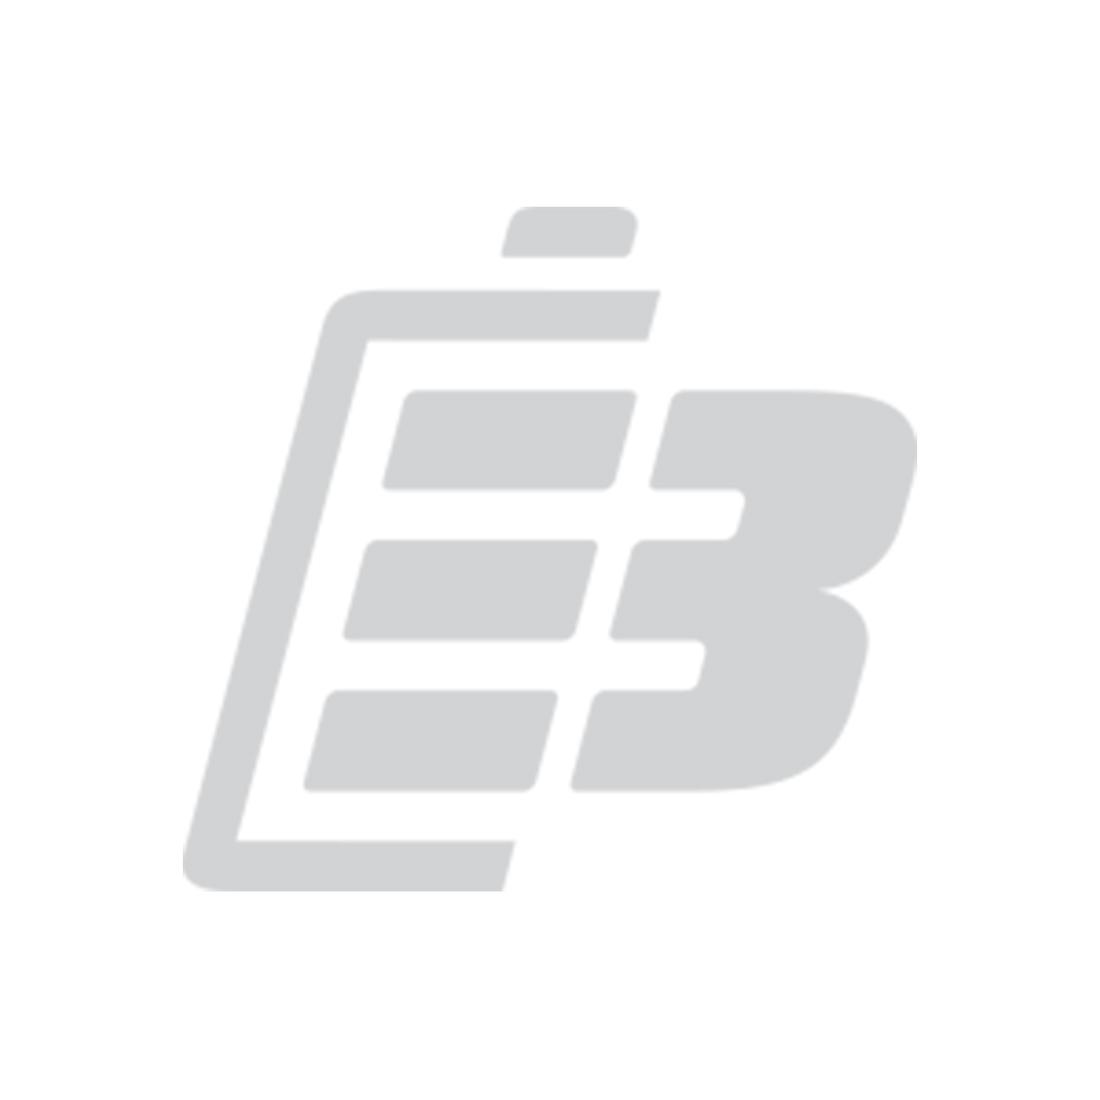 Μπαταρία Laptop MSI CX640 14.8V_1